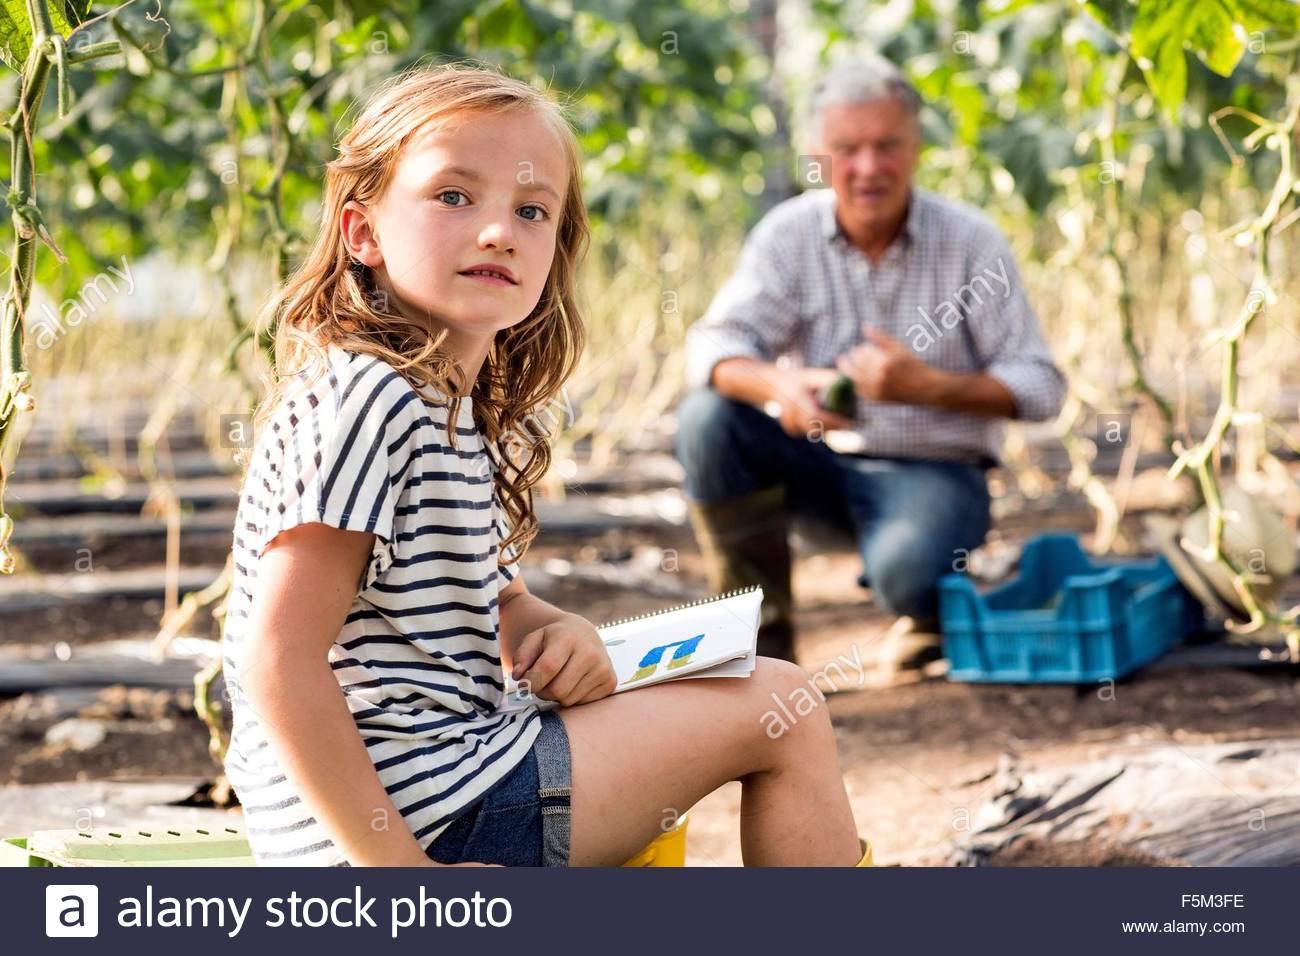 Chica sentada dibujo mientras abuelo trabaja mirando a la cámara Imagen De Stock